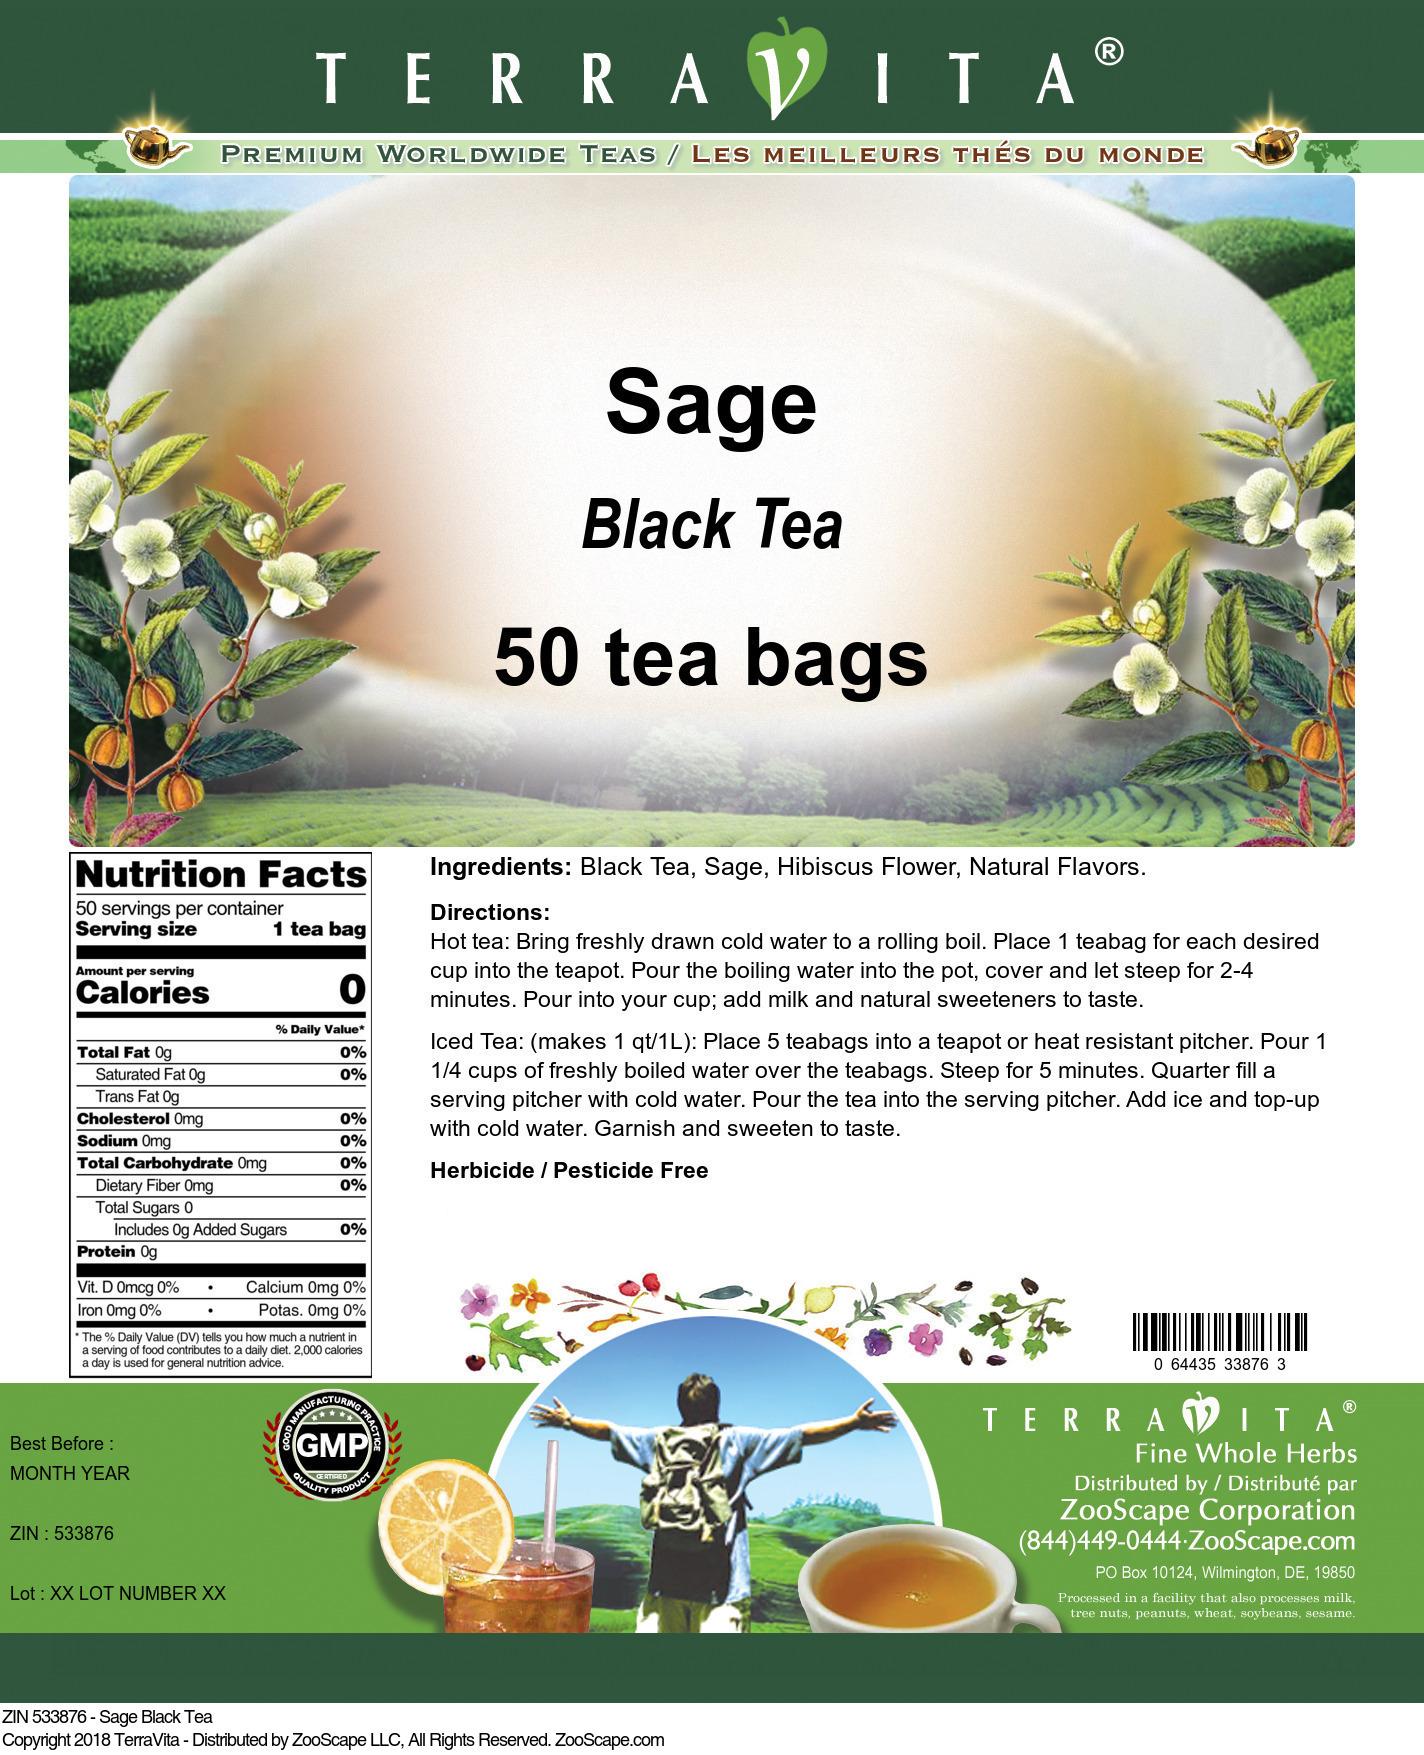 Sage Black Tea